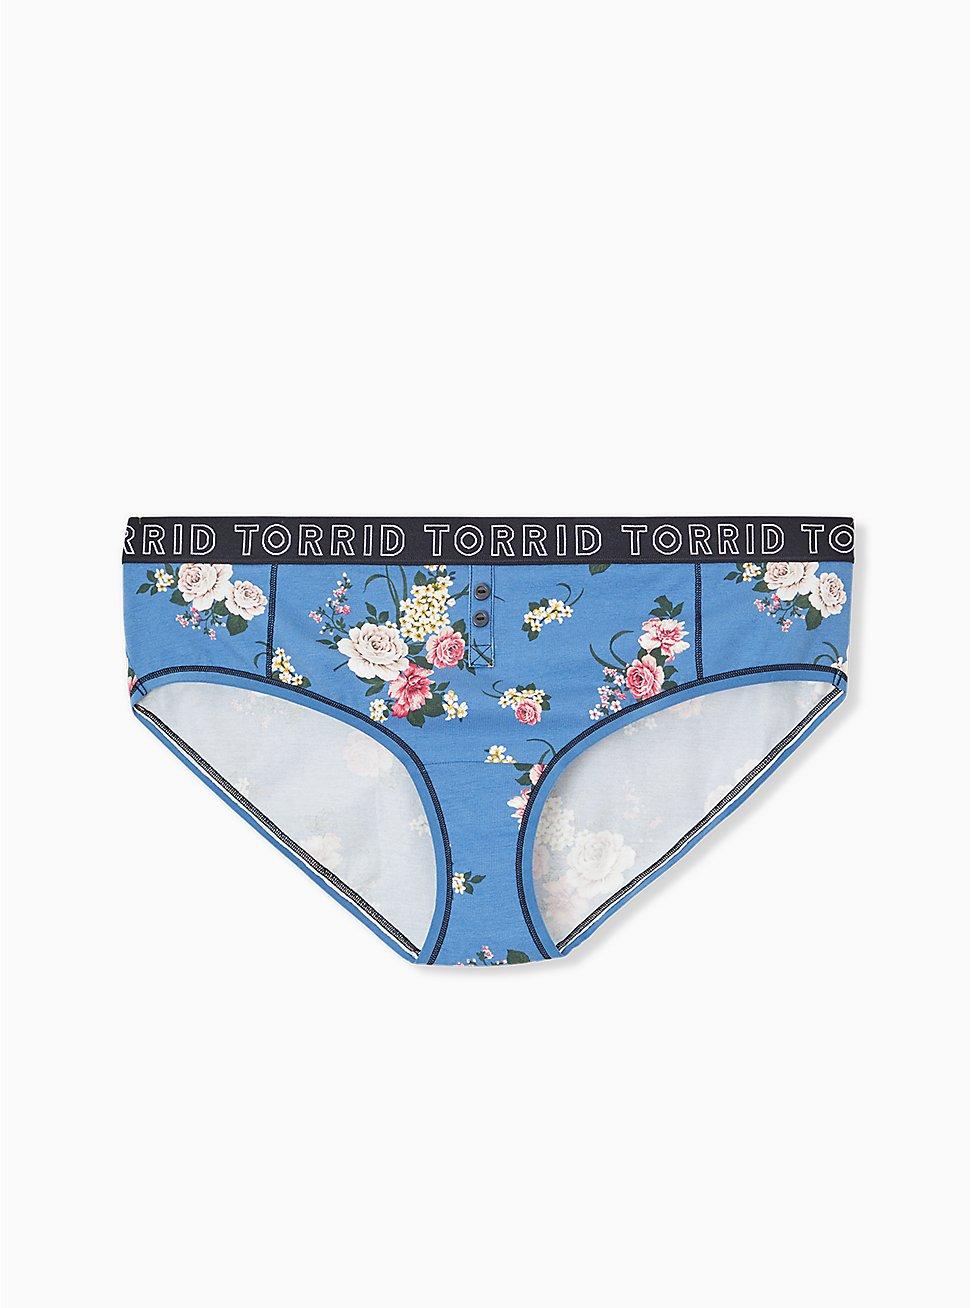 Plus Size Torrid Logo Blue Floral Cotton Hipster Panty, ROSE STRIPE FLORAL- BLUE, hi-res